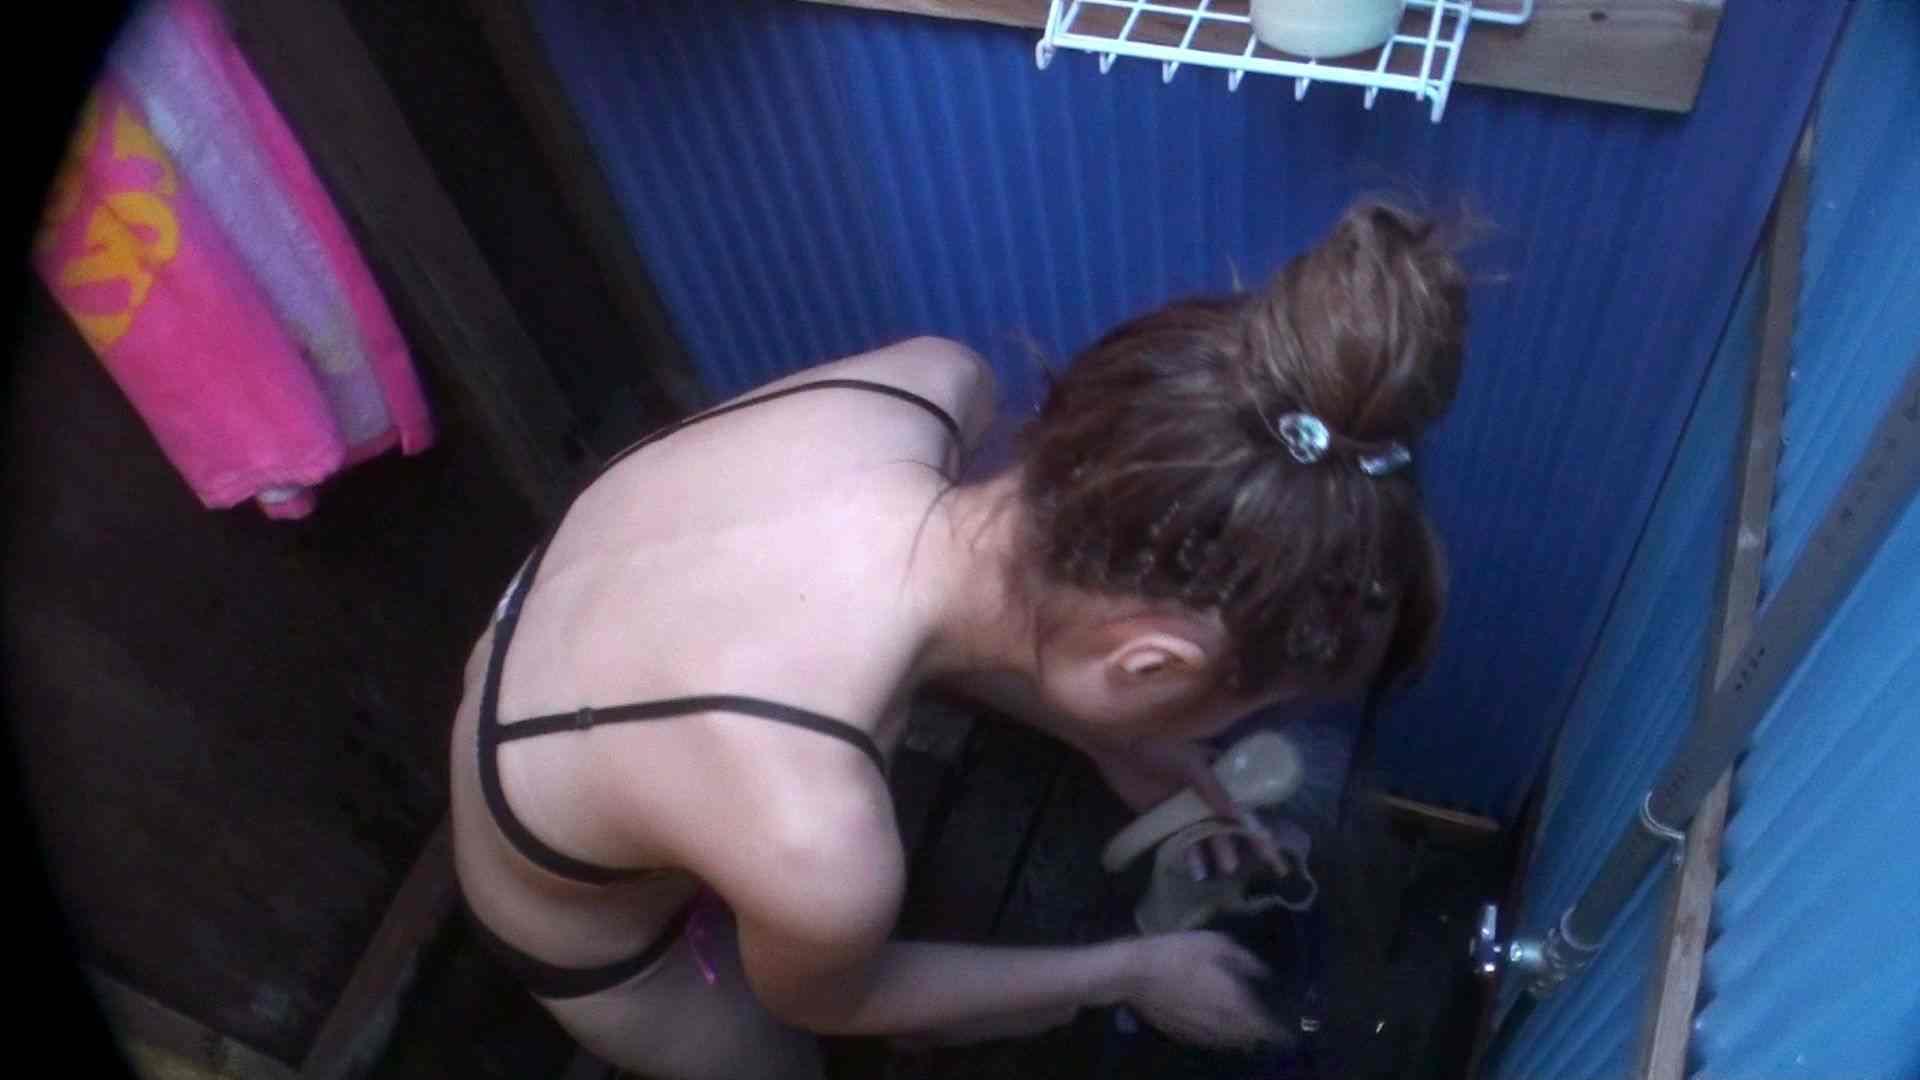 シャワールームは超!!危険な香りVol.9 可愛い顔してやることは大胆です 脱衣所の着替え   高画質モード  62画像 19